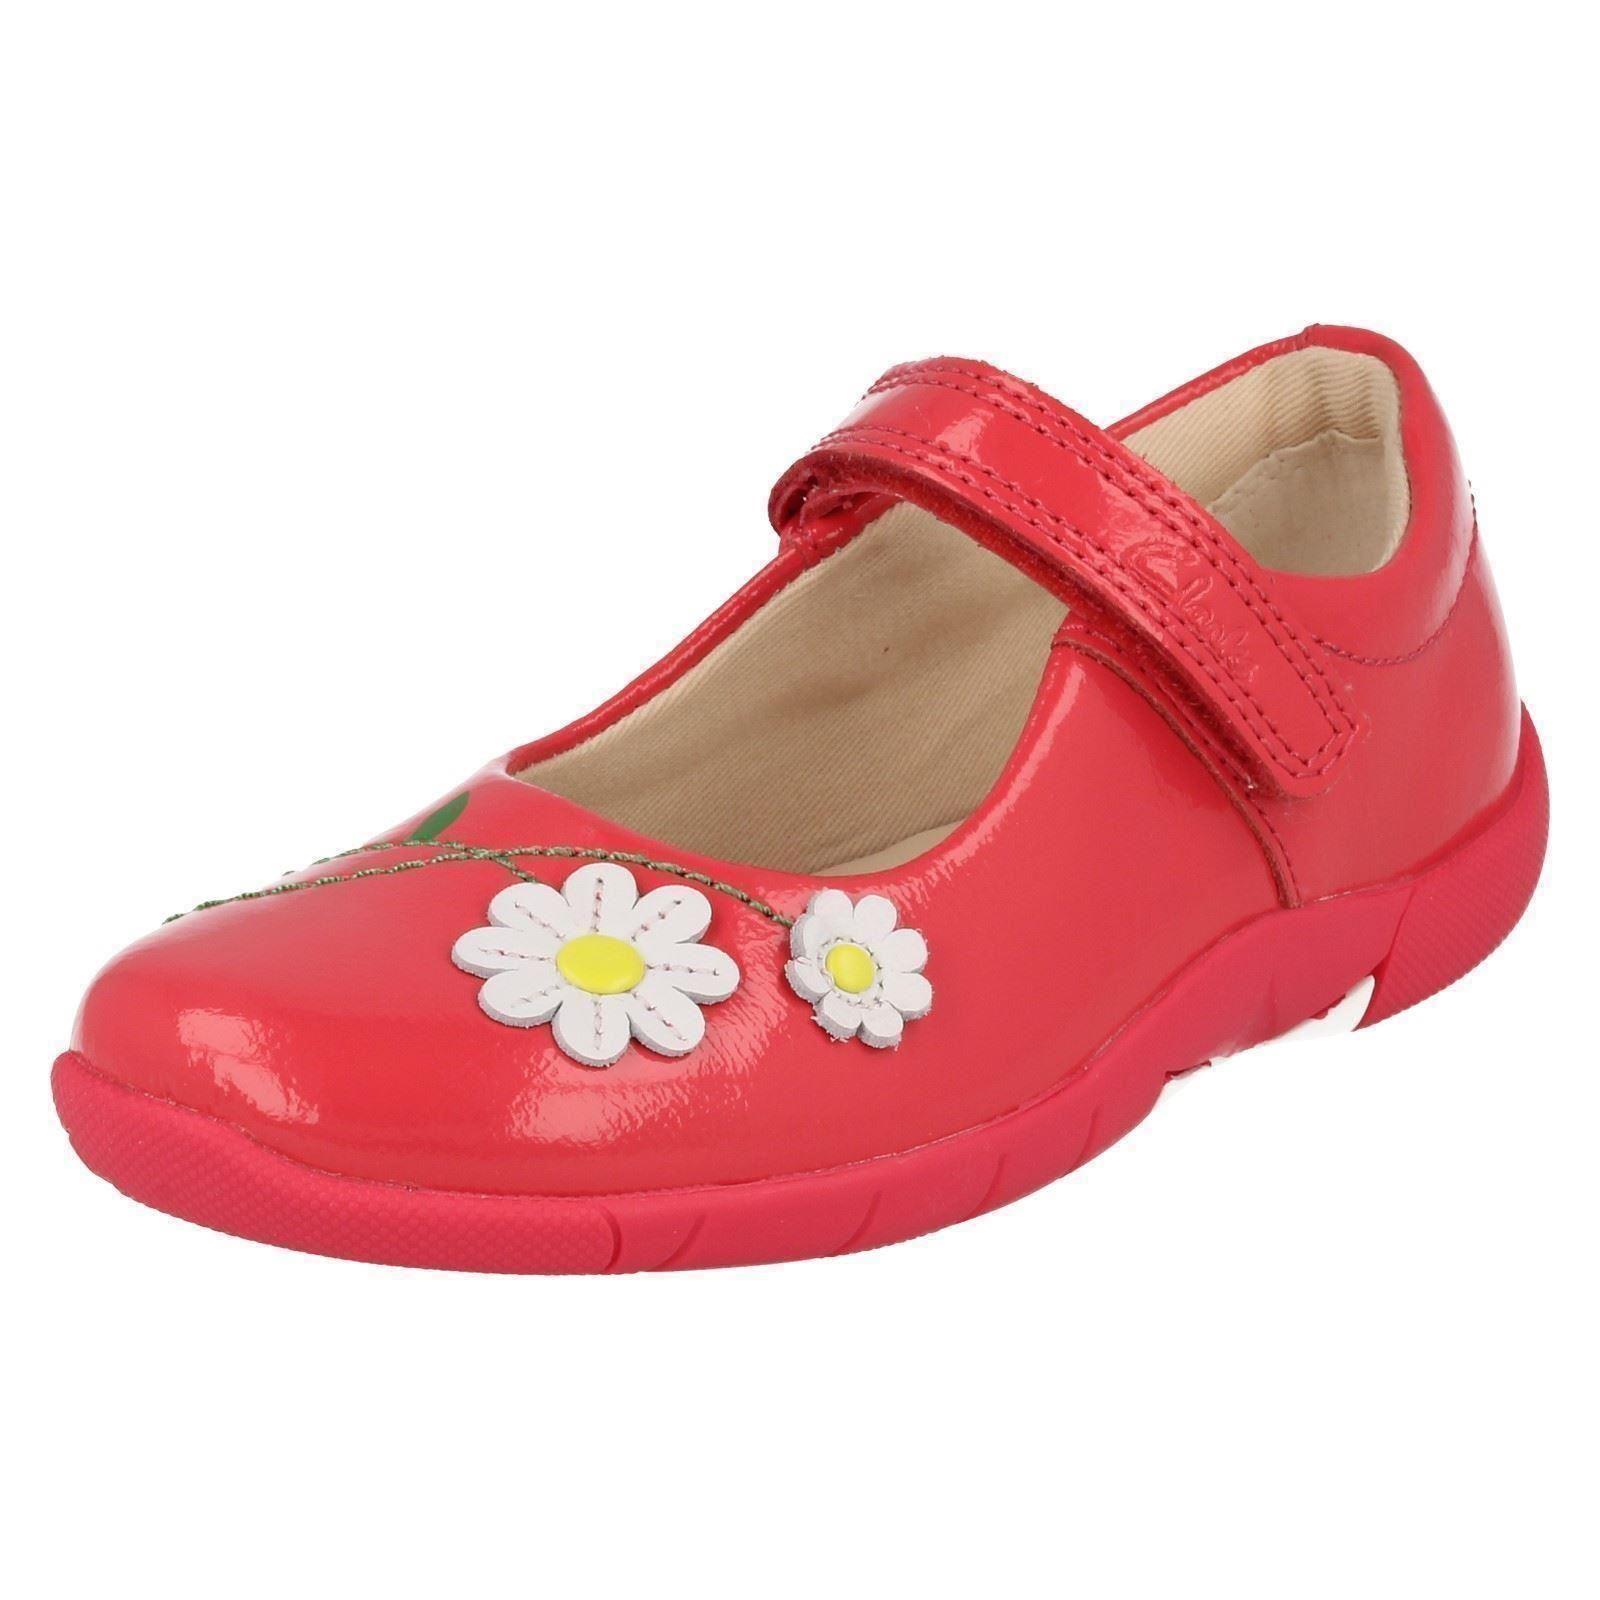 Girls Clarks Hook & Loop Rounded Toe Casual Shoes Binnie Jam